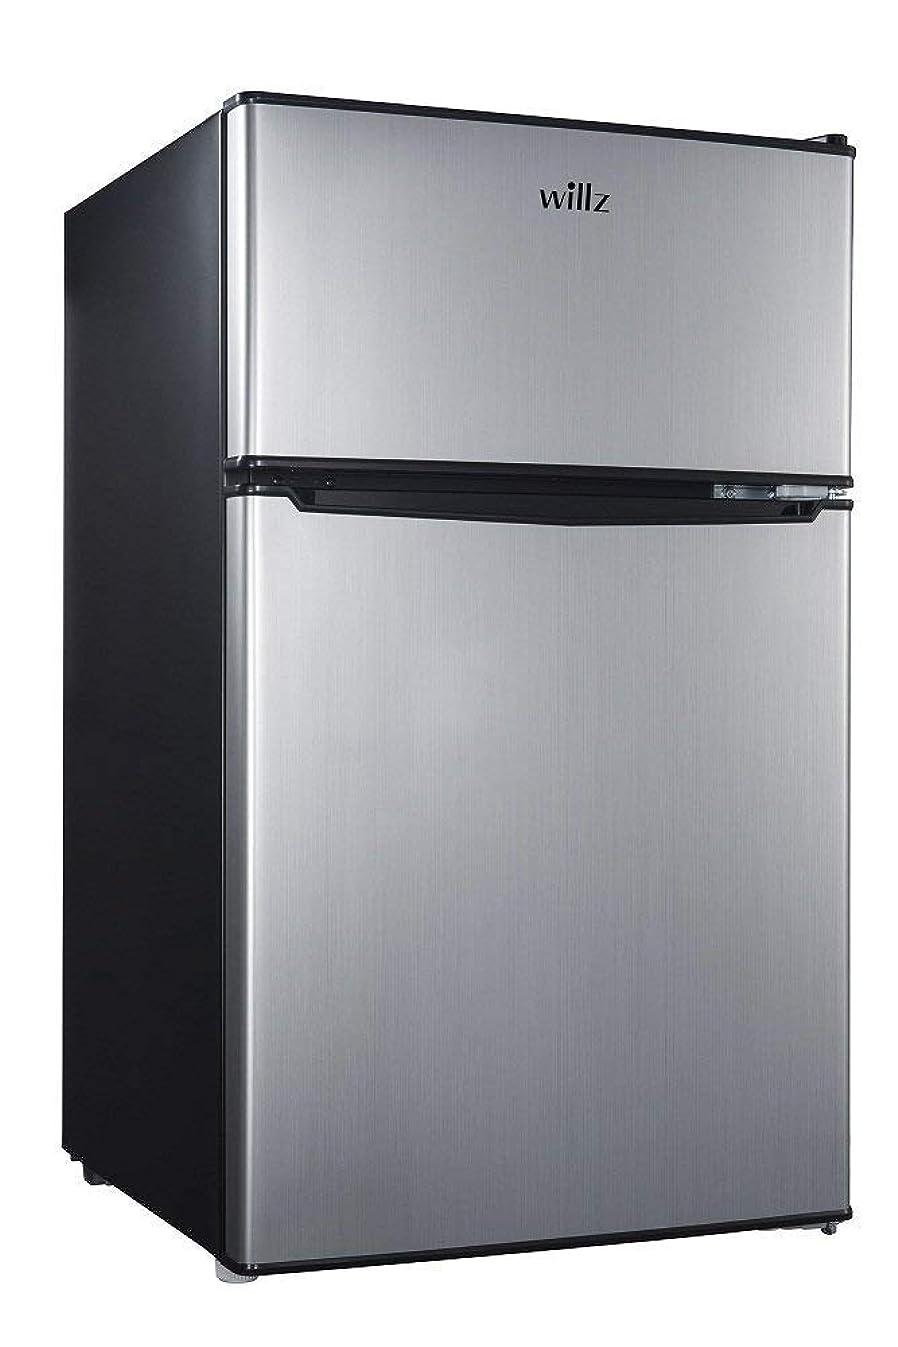 Willz 3.1 Cu Ft Refrigerator Dual Door True Freezer, Stainless Steel